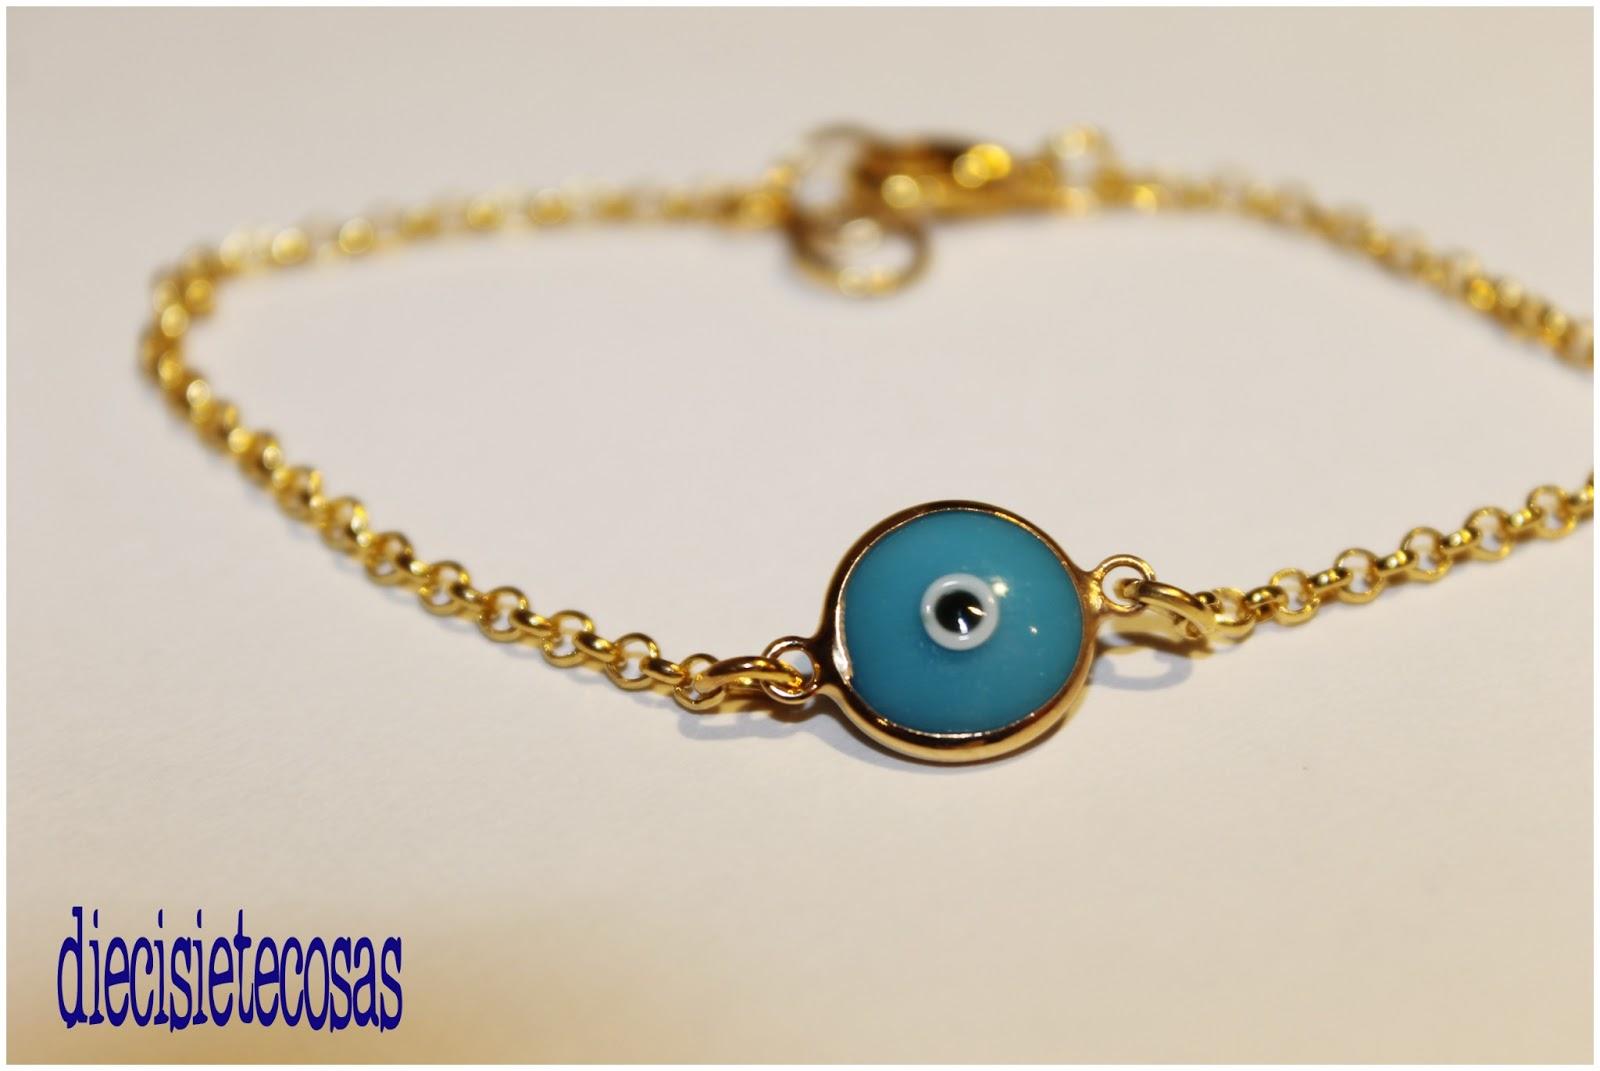 Pulseras ojo turco mal de ojo  buena suerte , diecisietecosas comprar pulseras y accesorios bisutería online